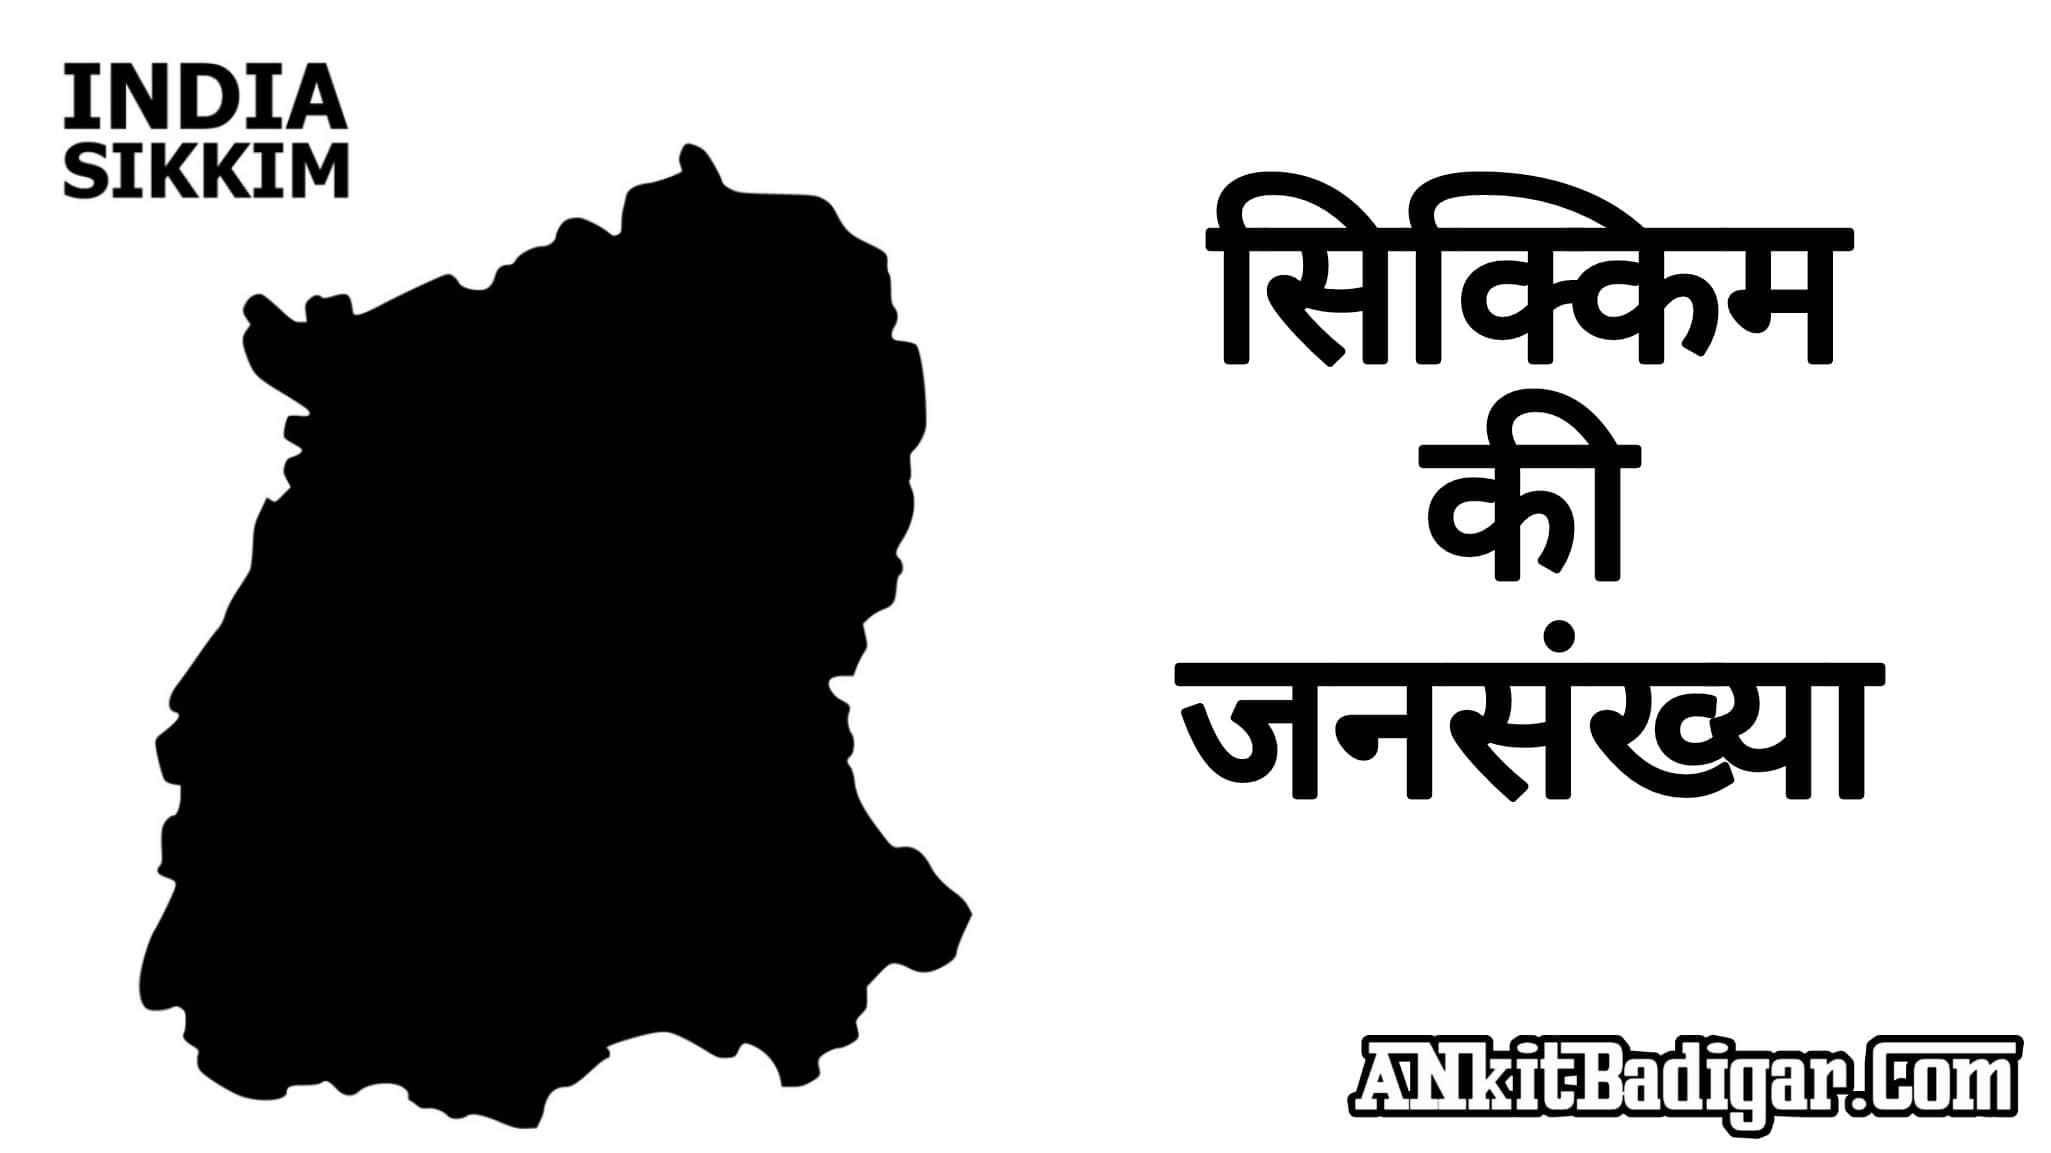 Sikkim Ki Jansankhya kitni hai